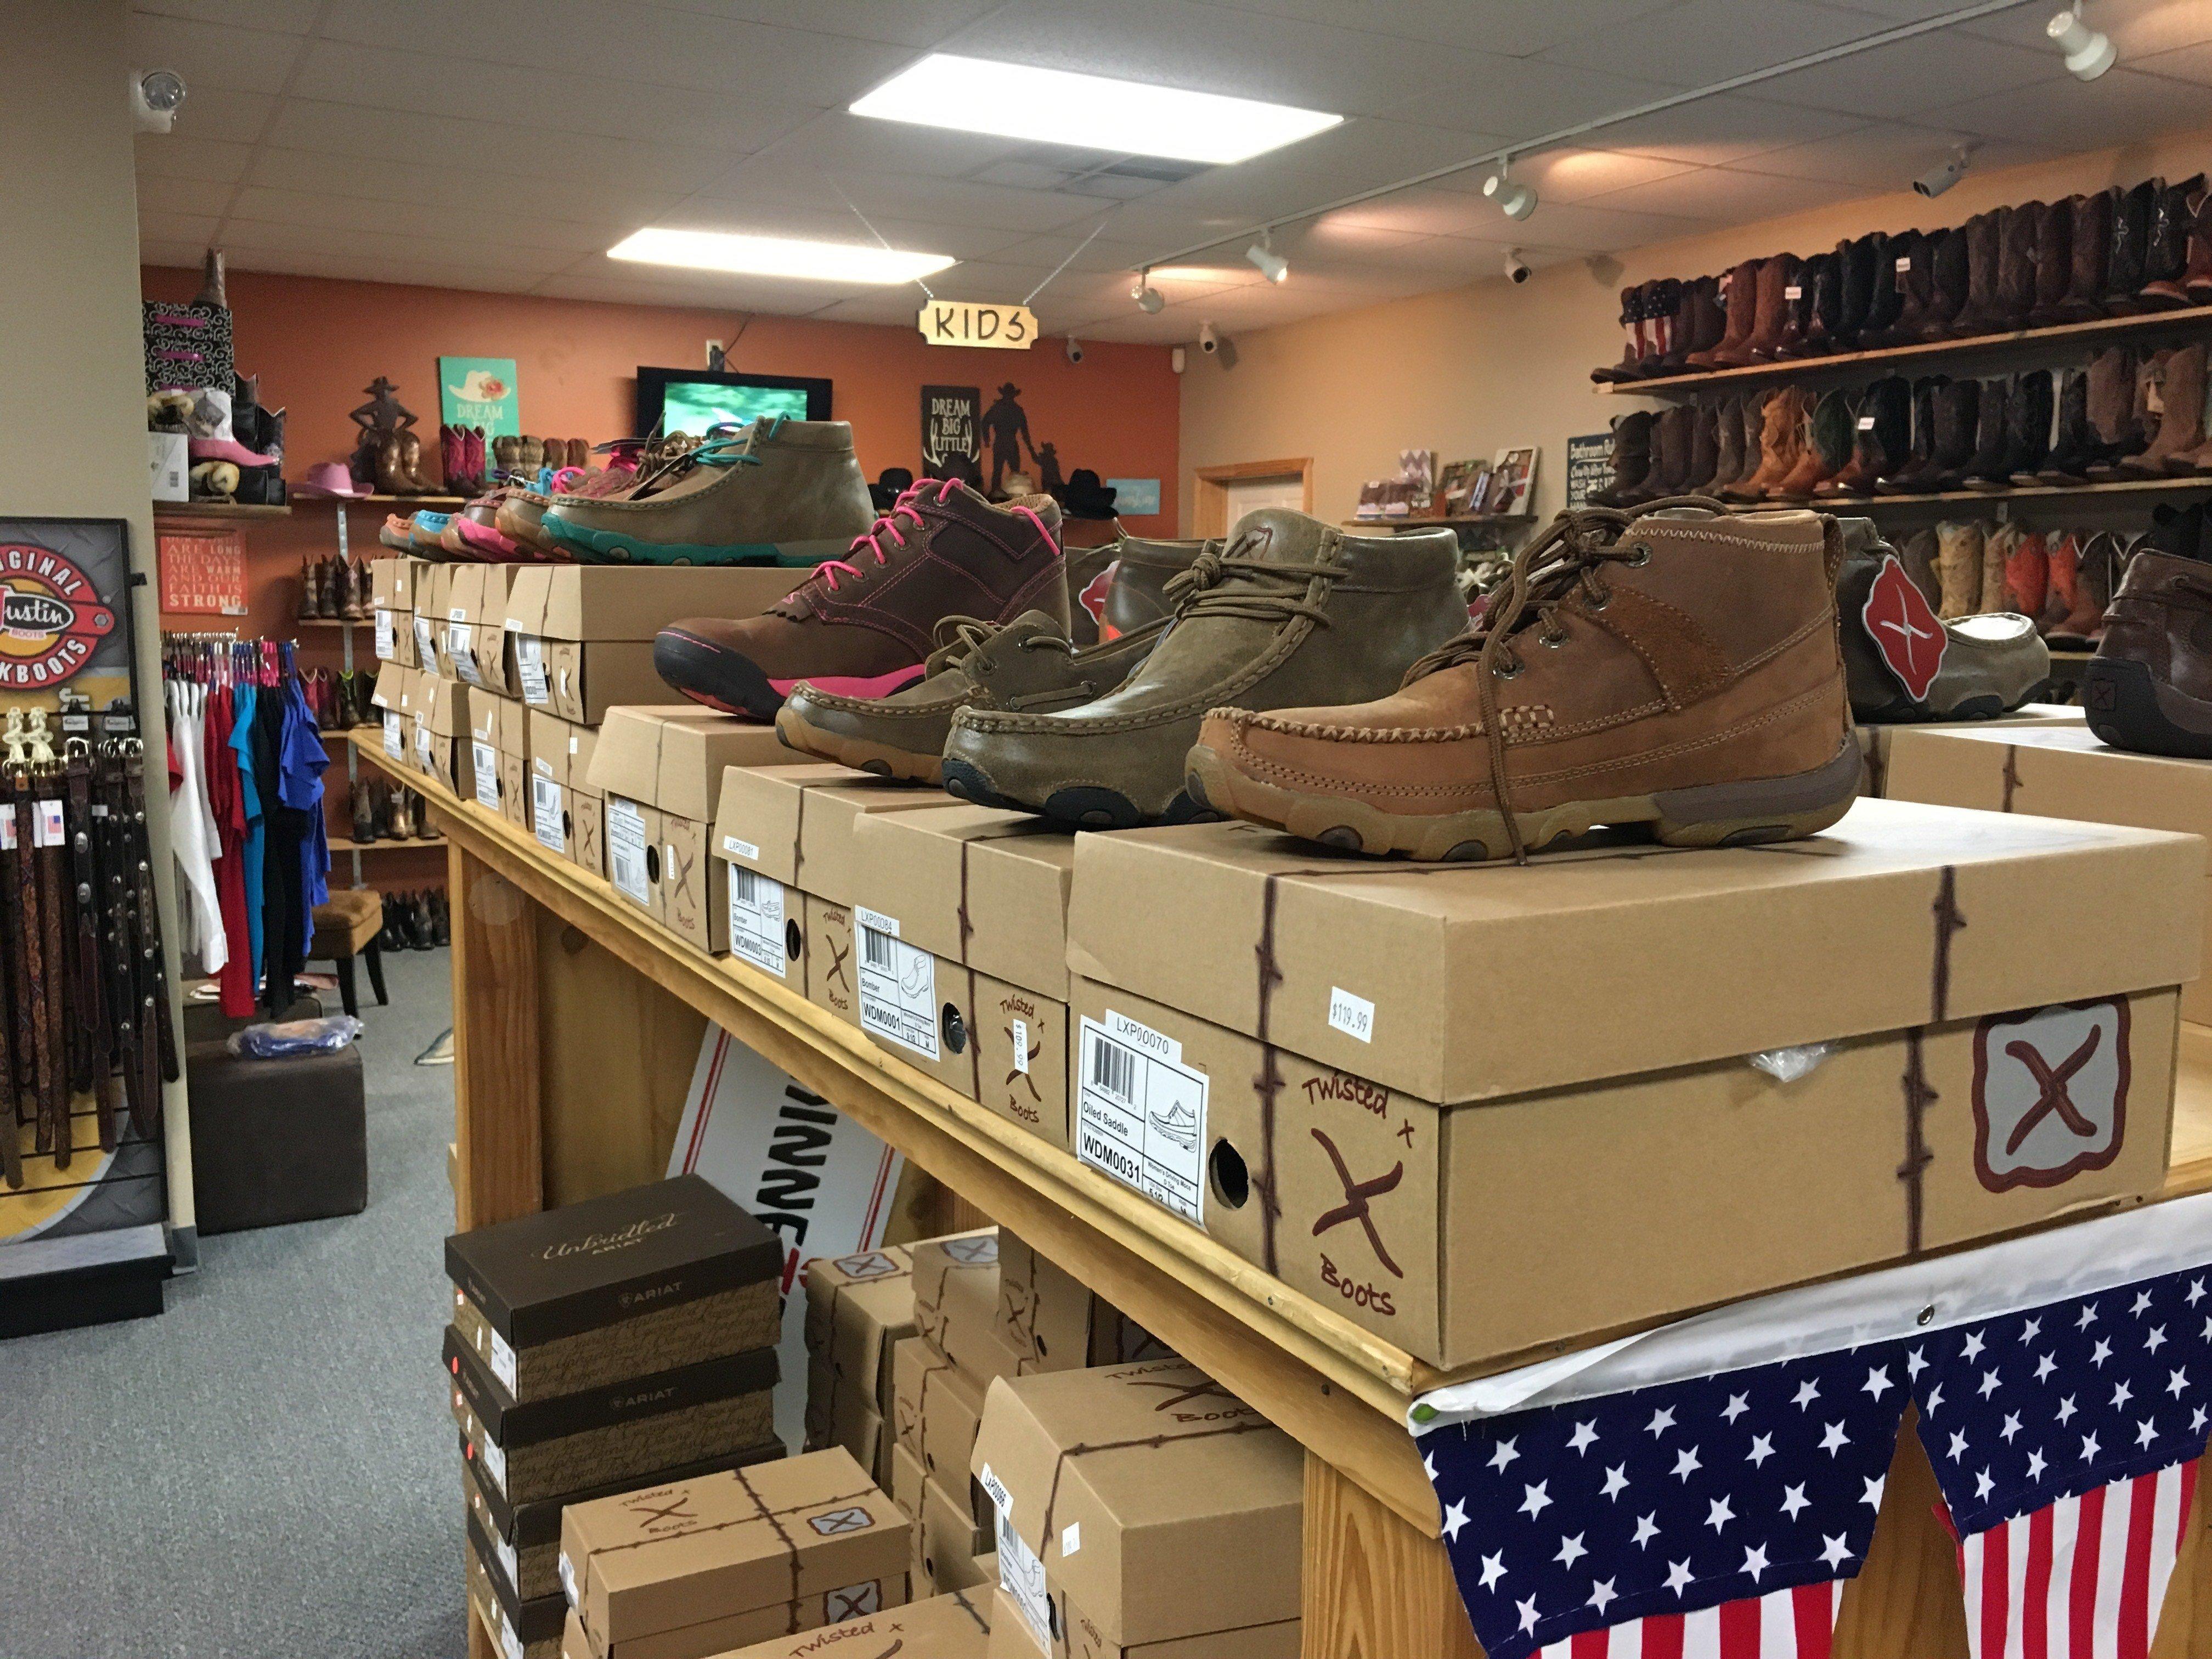 Ladies' boots